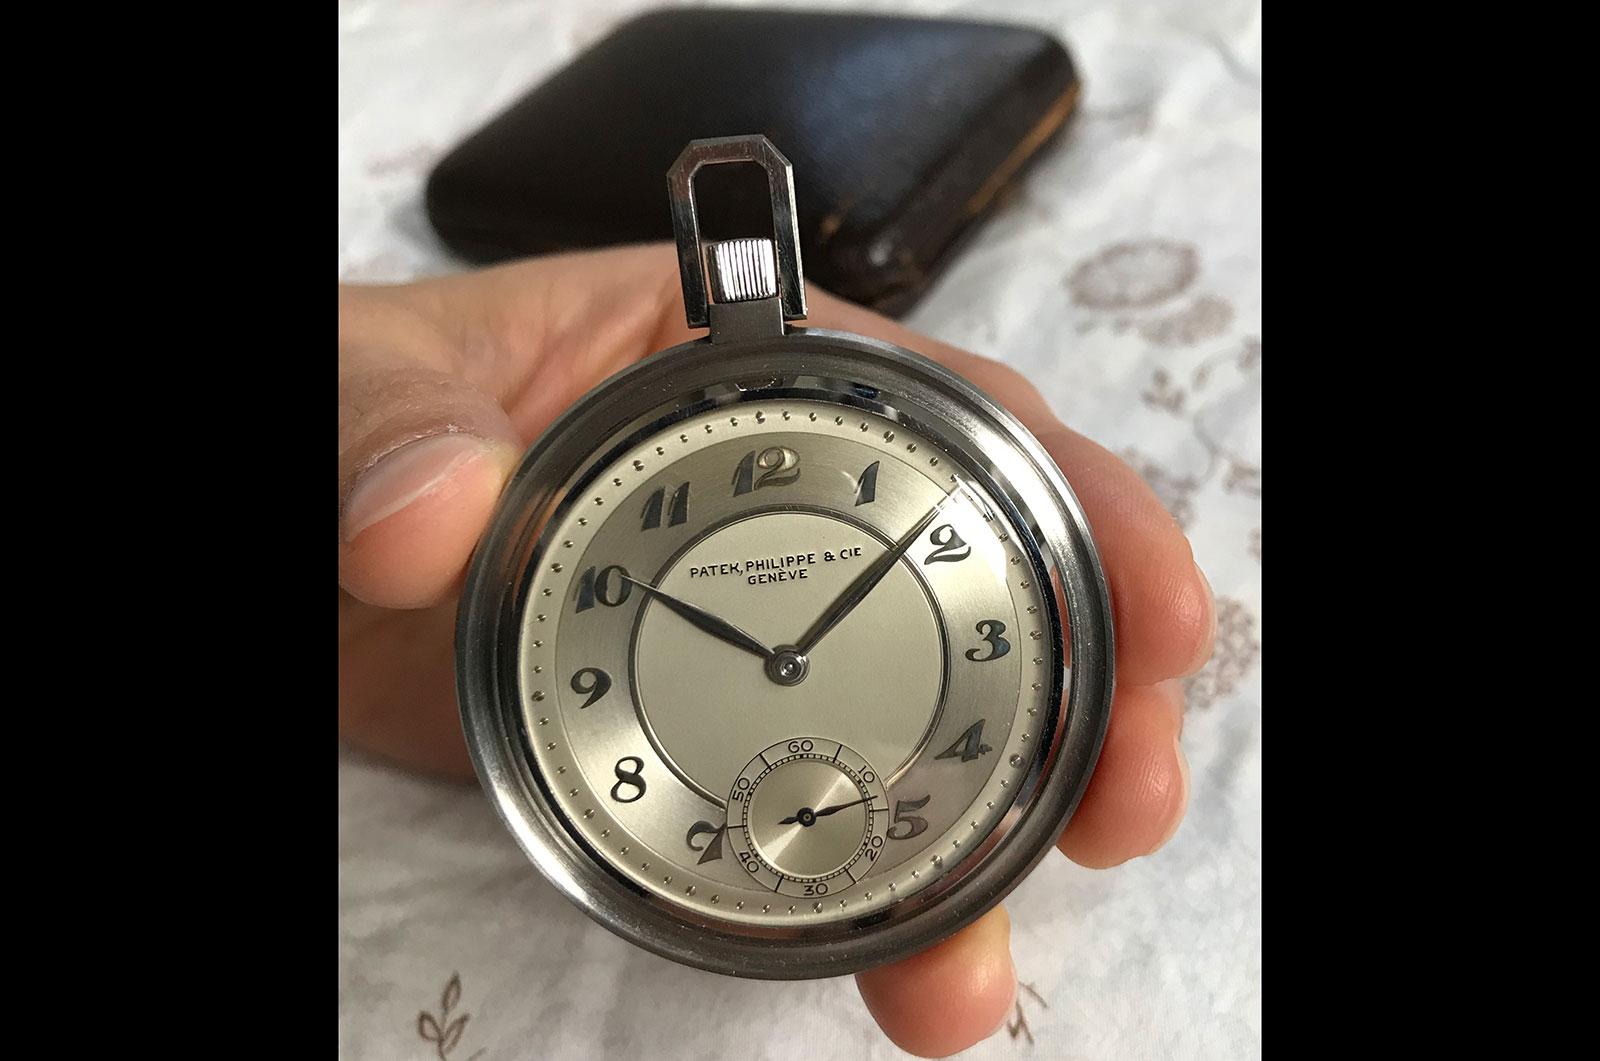 Patek philippe pocket watch 686 steel breguet numbers